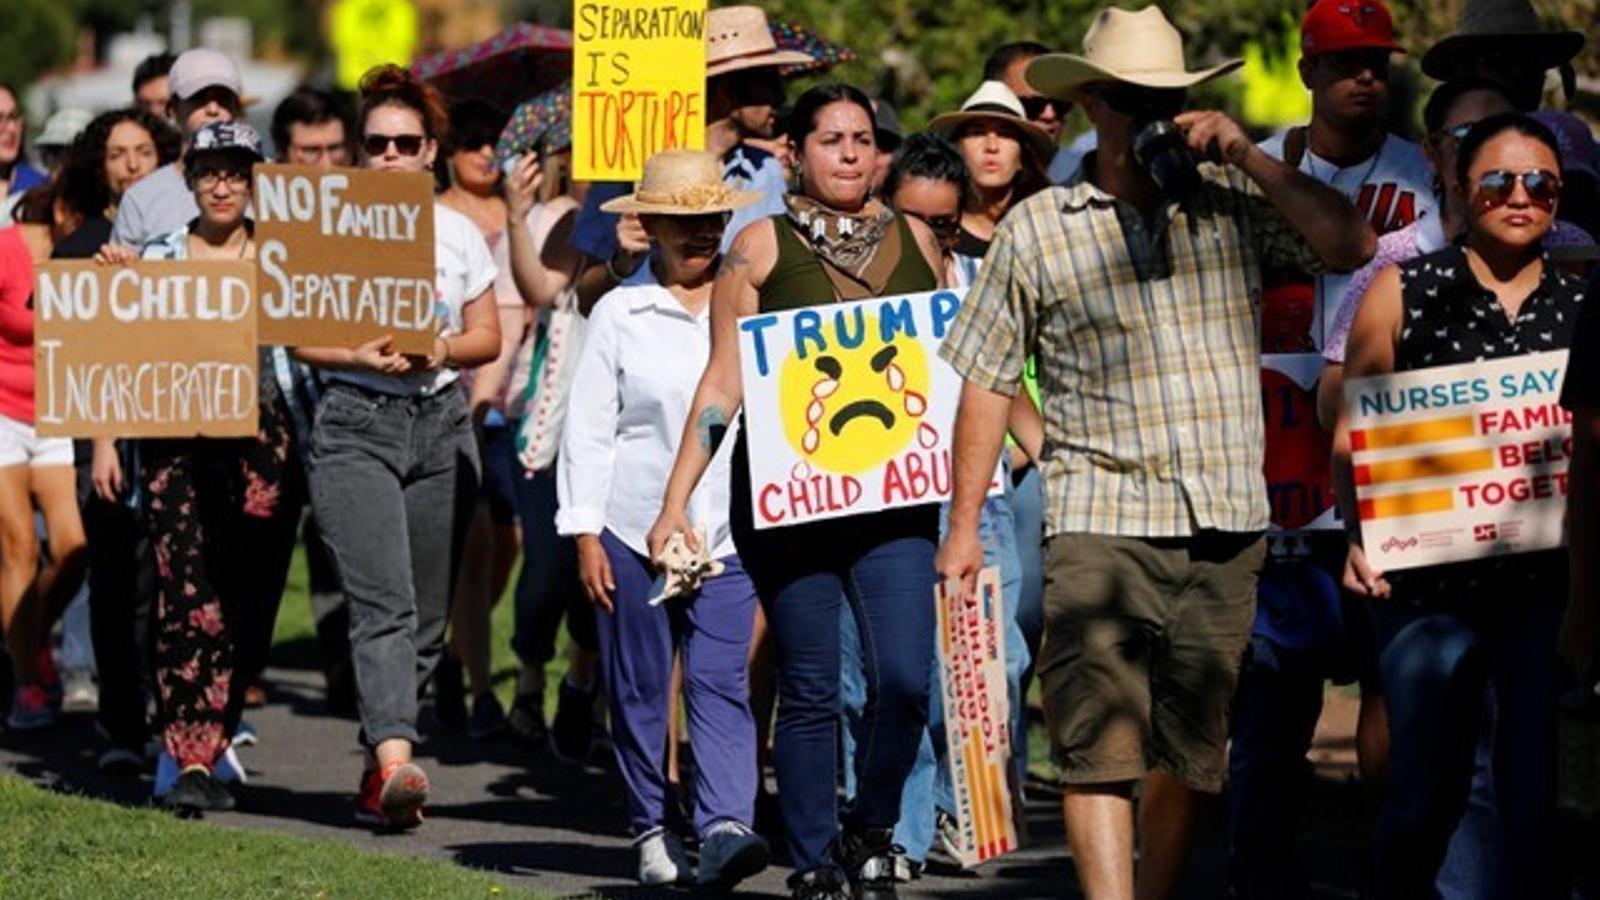 El trauma infantil d'emigrar als Estats Units de Trump